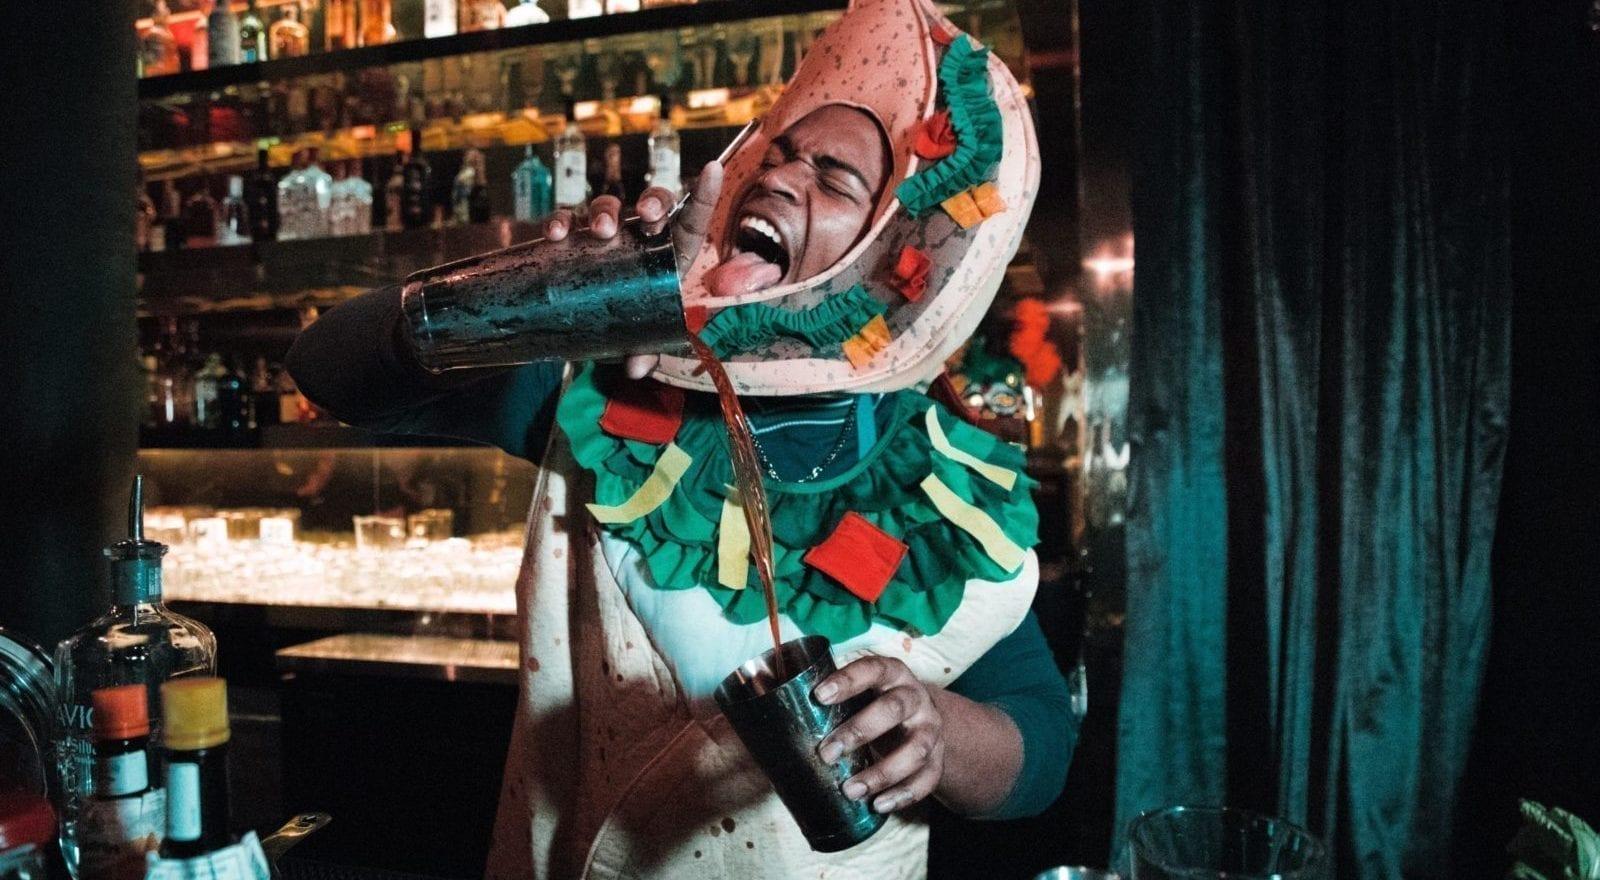 Cosa Organizzare In Un Bar come organizzare un pub crawl di cui non si ricorderà